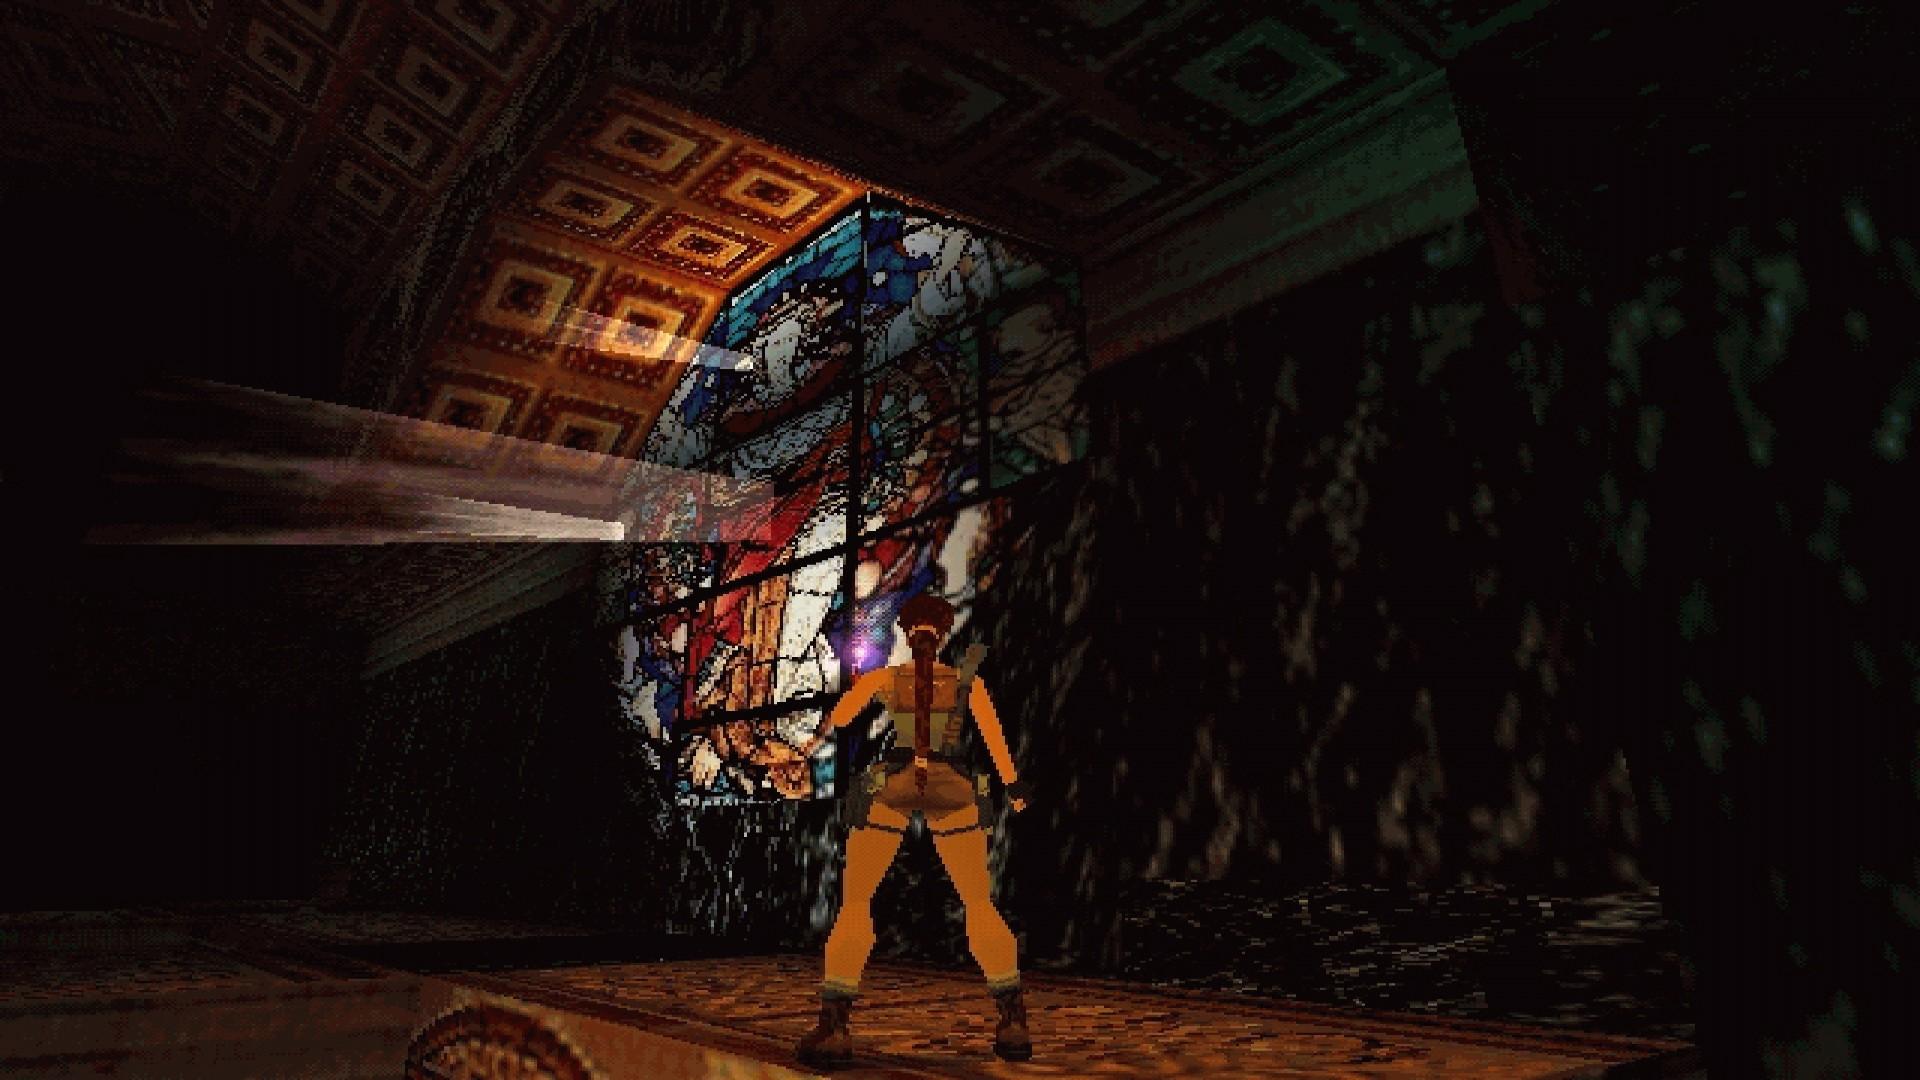 تحميل لعبة تومب رايدر الجزء الثالث - Tomb Raider III: Adventures of Lara Croft